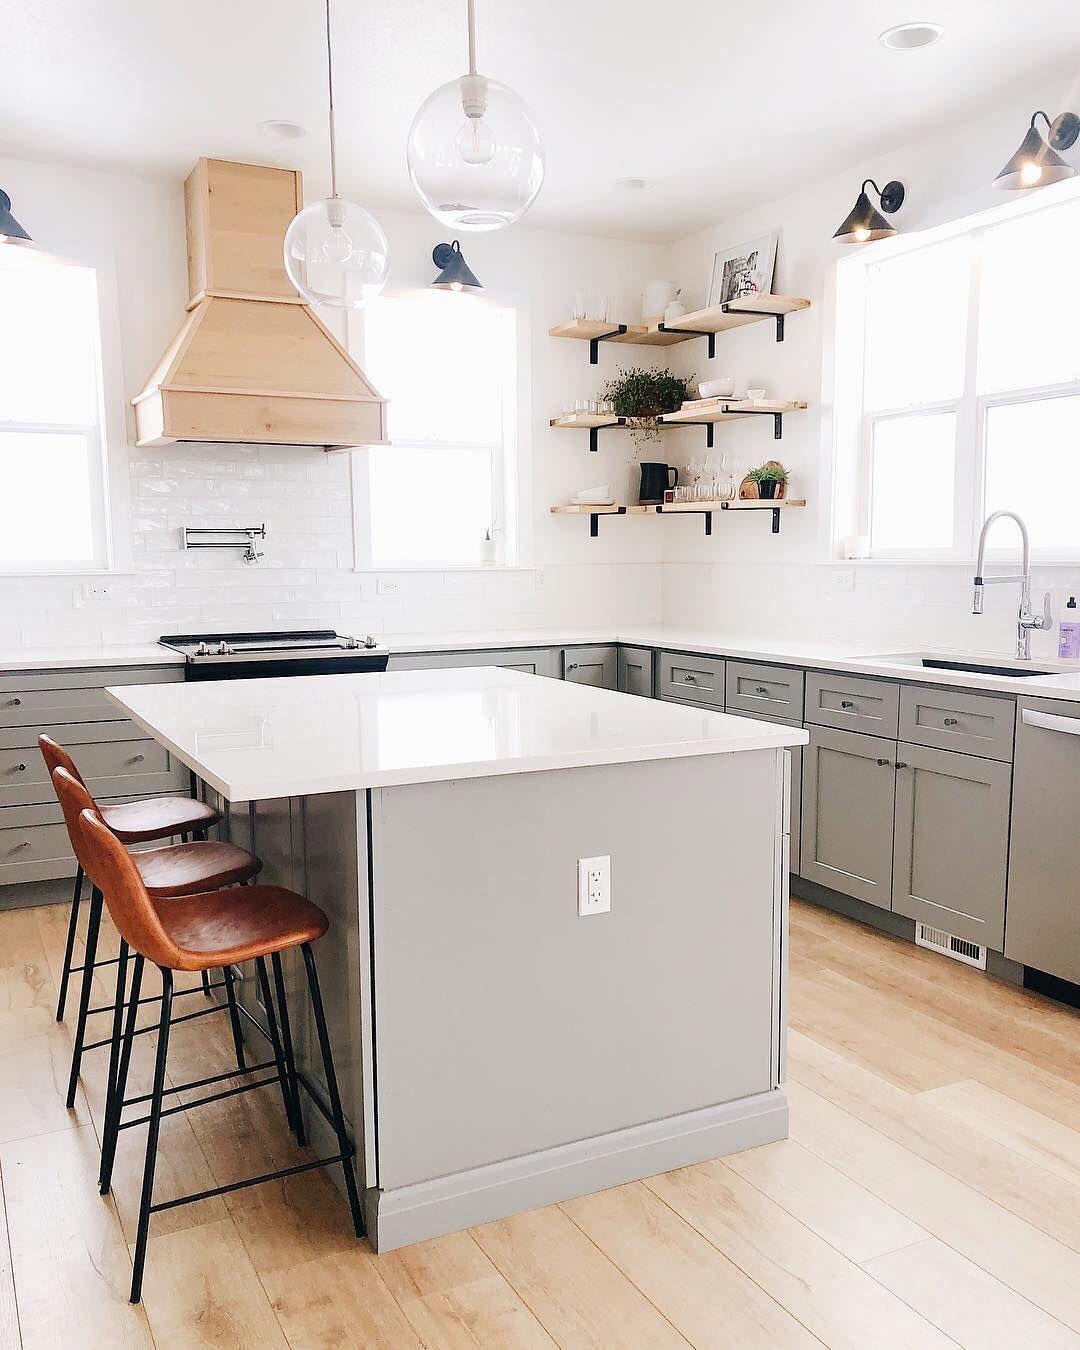 Instagram Minimalist Kitchen Set